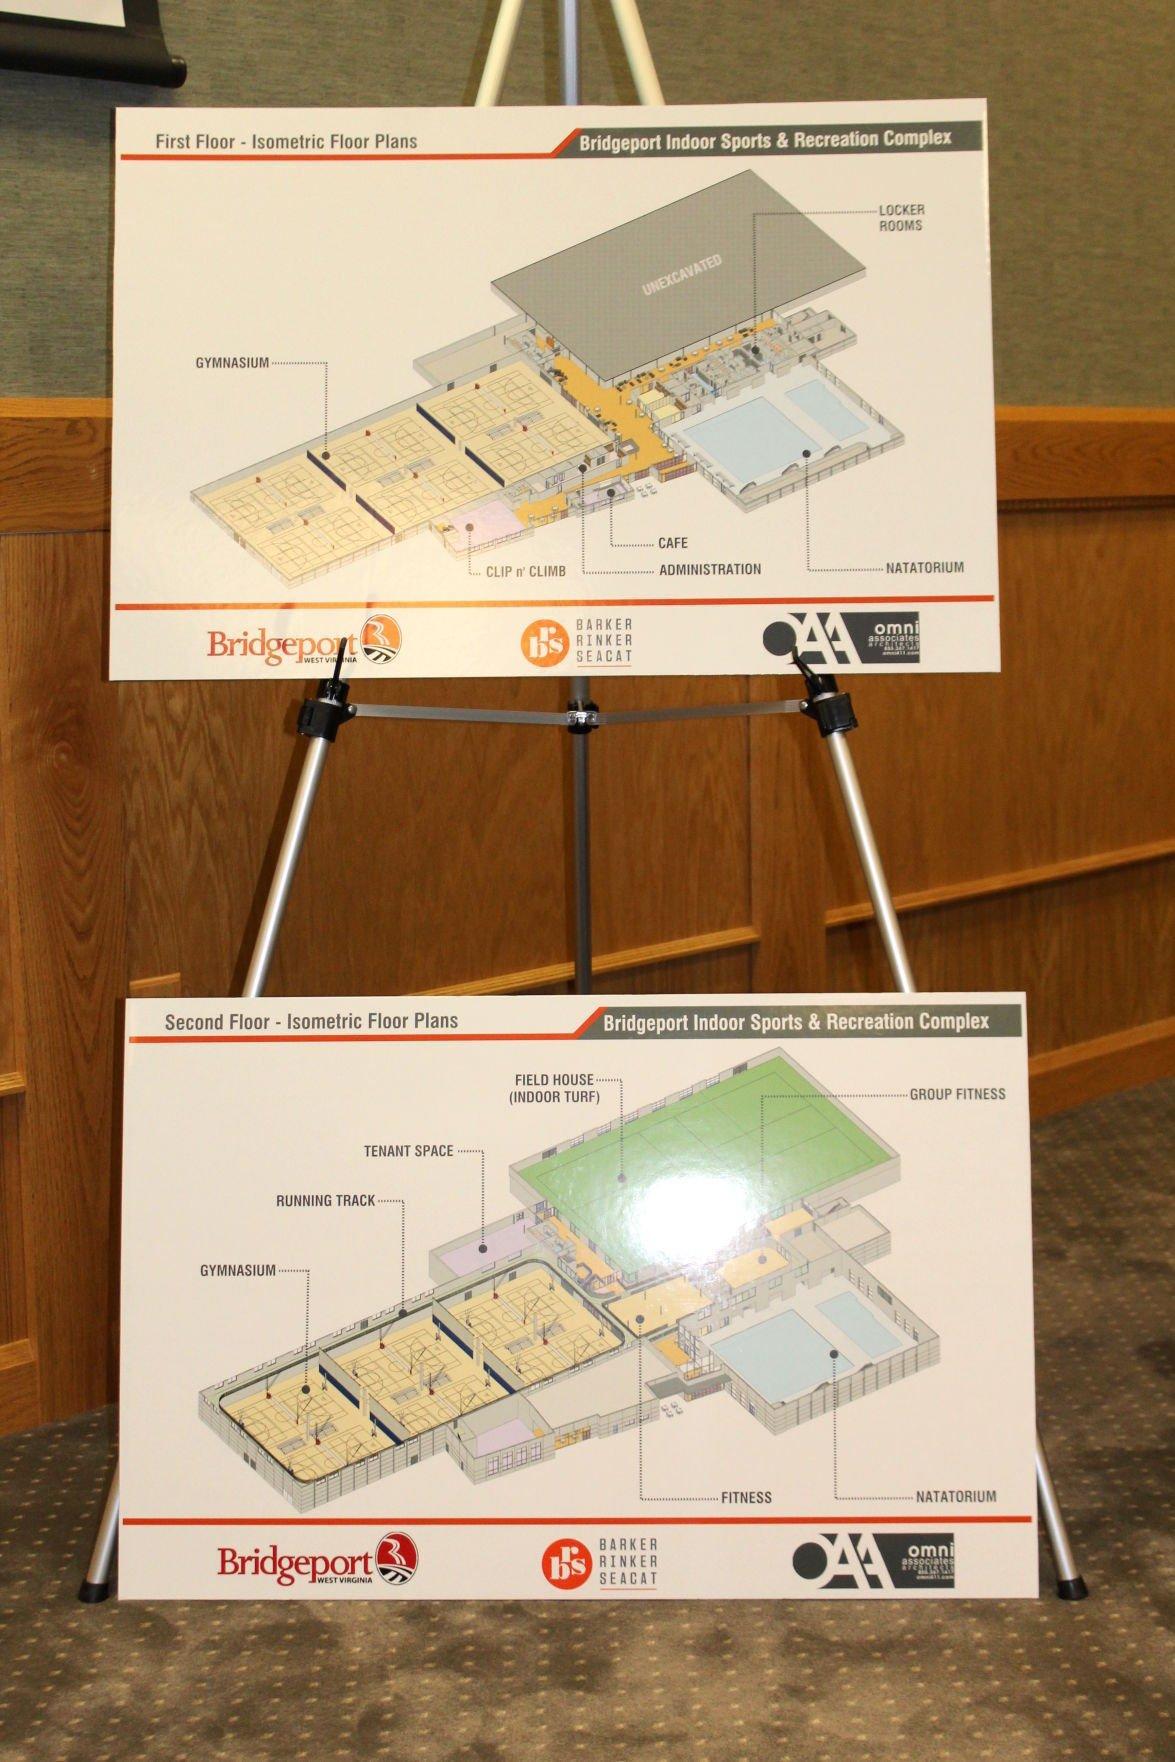 Bridgeport Indoor Sports and Recreation Complex plans